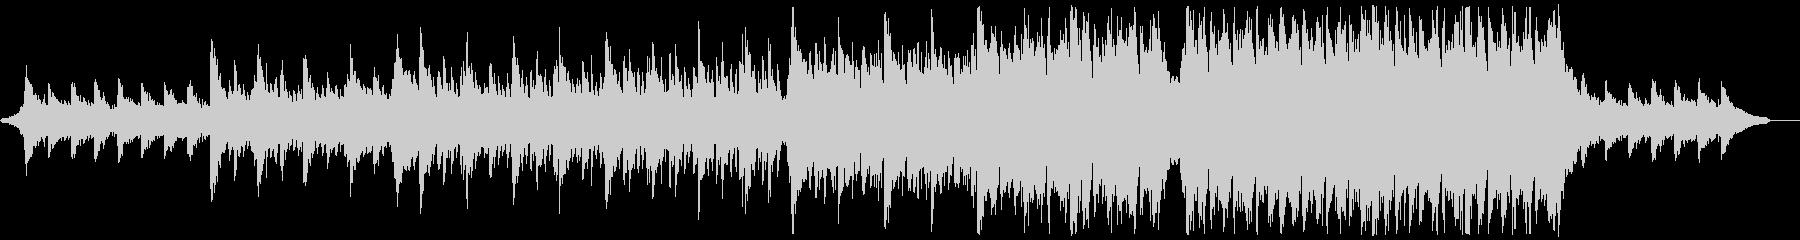 ポジティブポップオーケストラx1回の未再生の波形